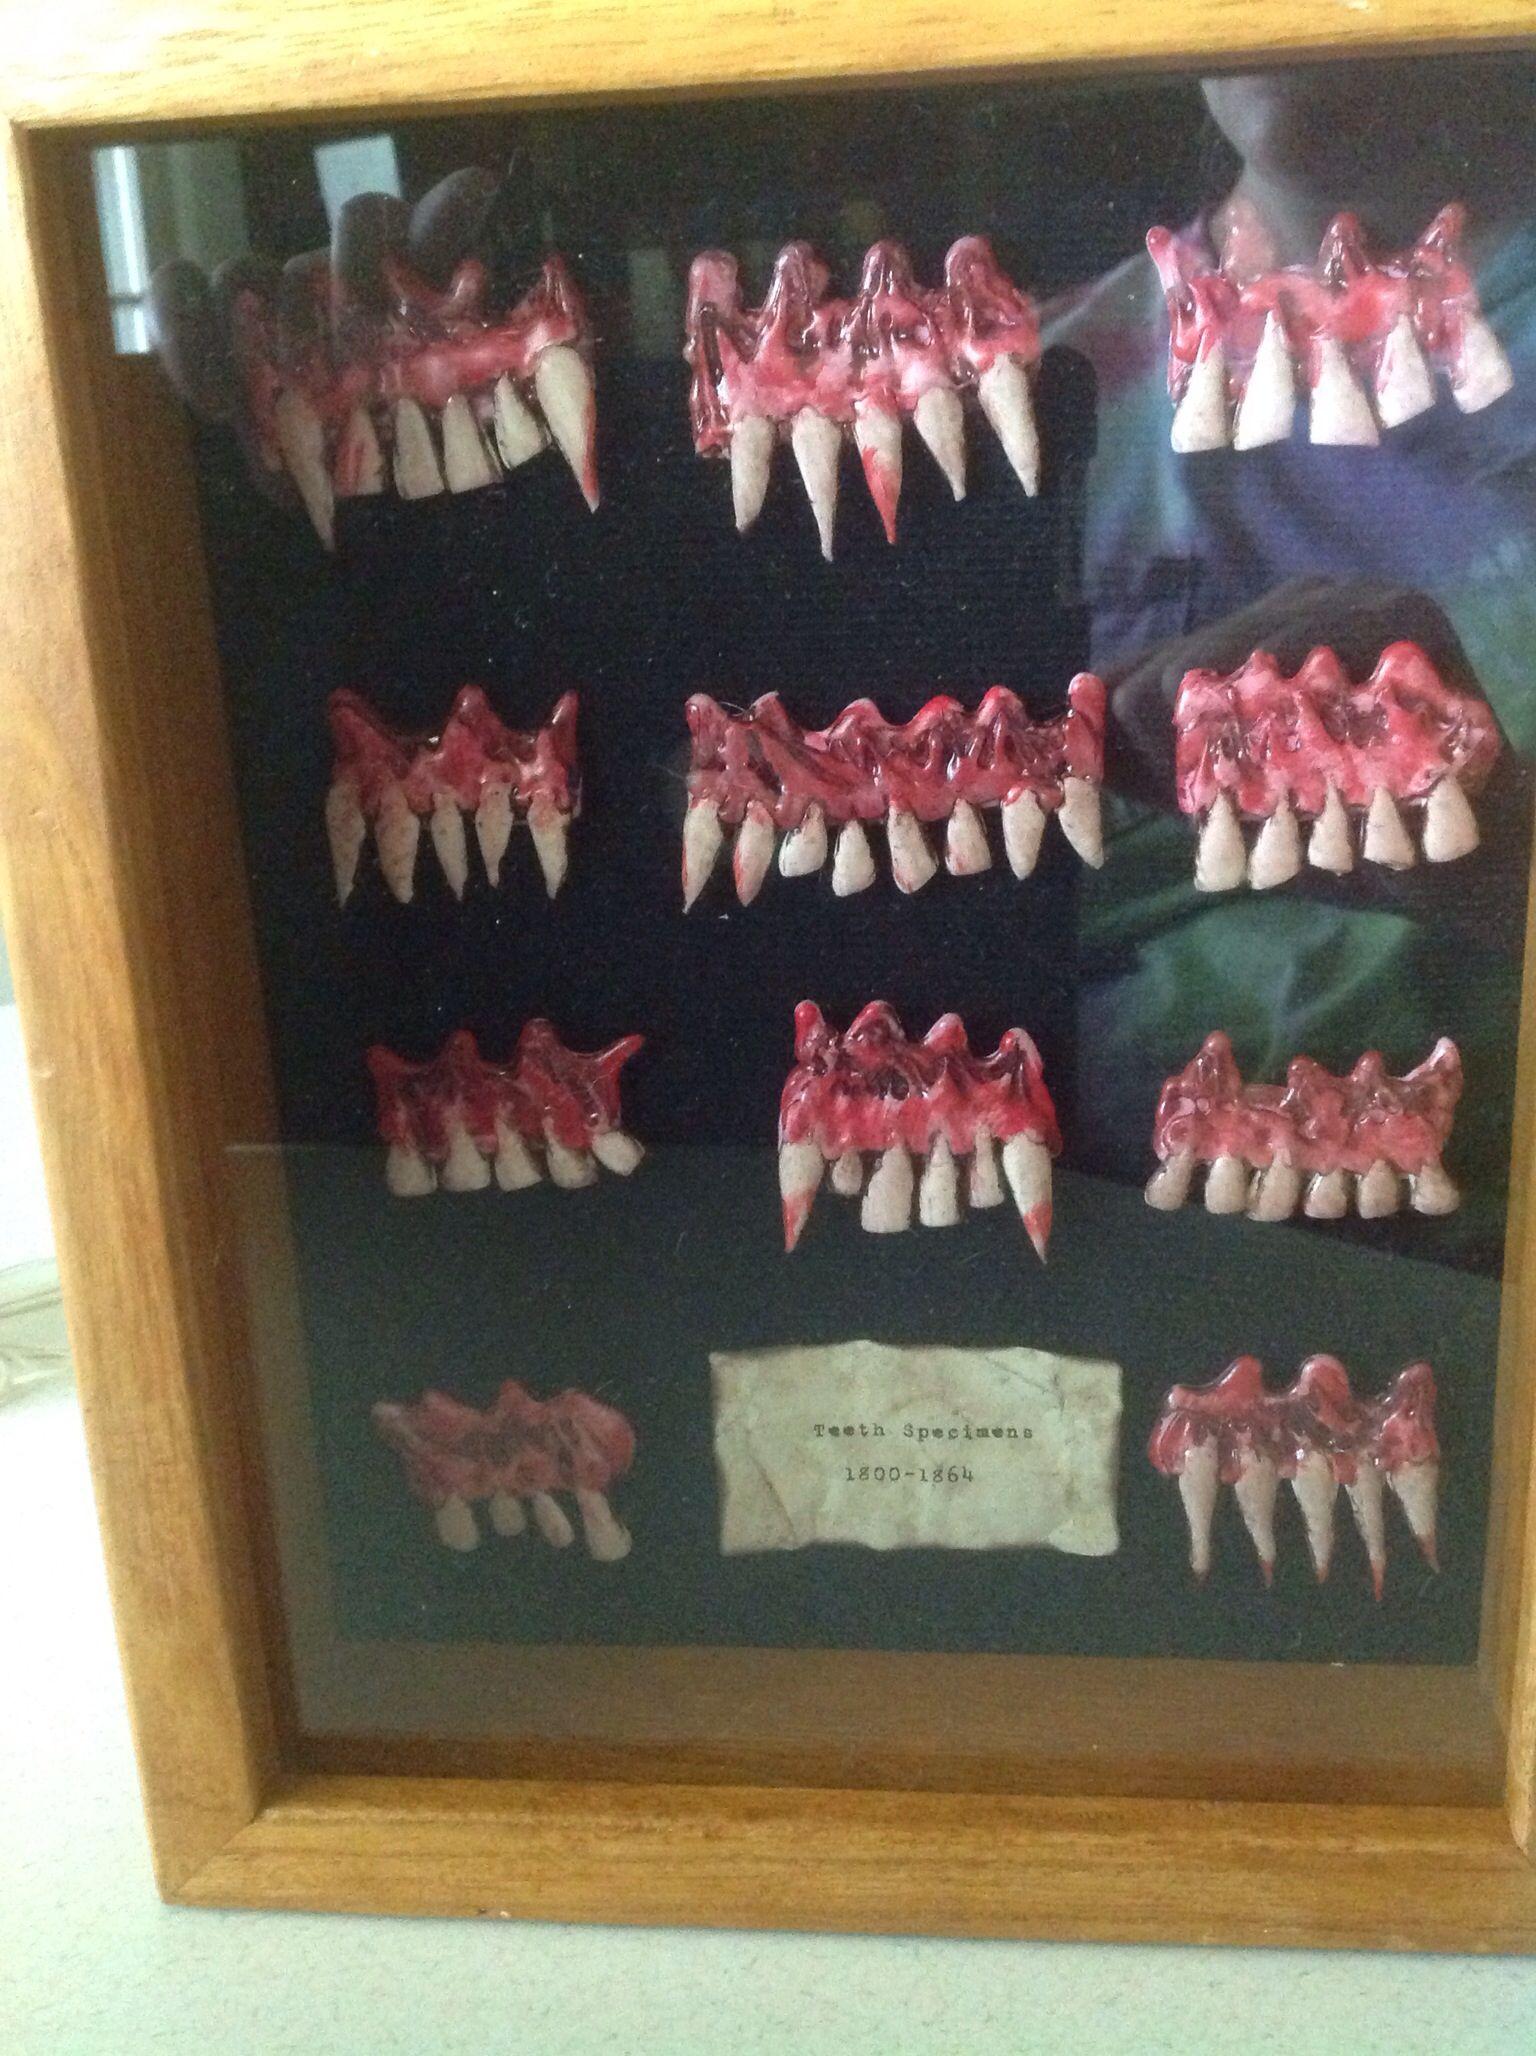 Teeth Specimens